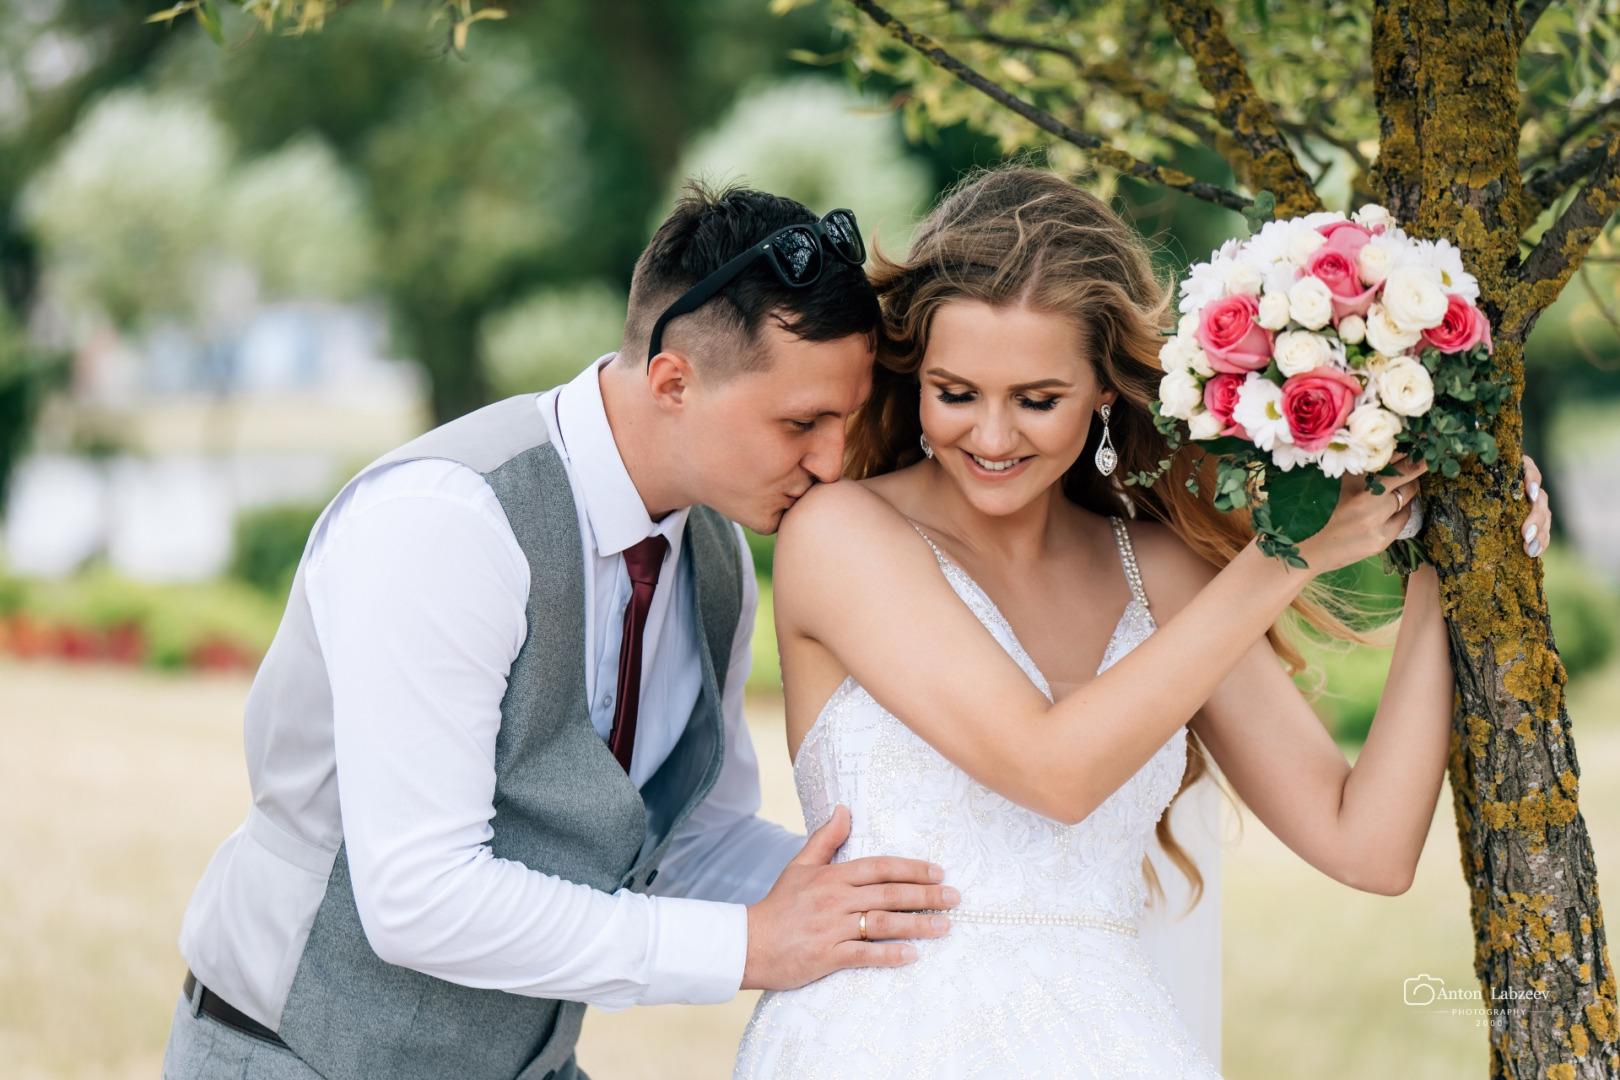 вместе отзывы о свадебном фотографе пример шатографами, вклад